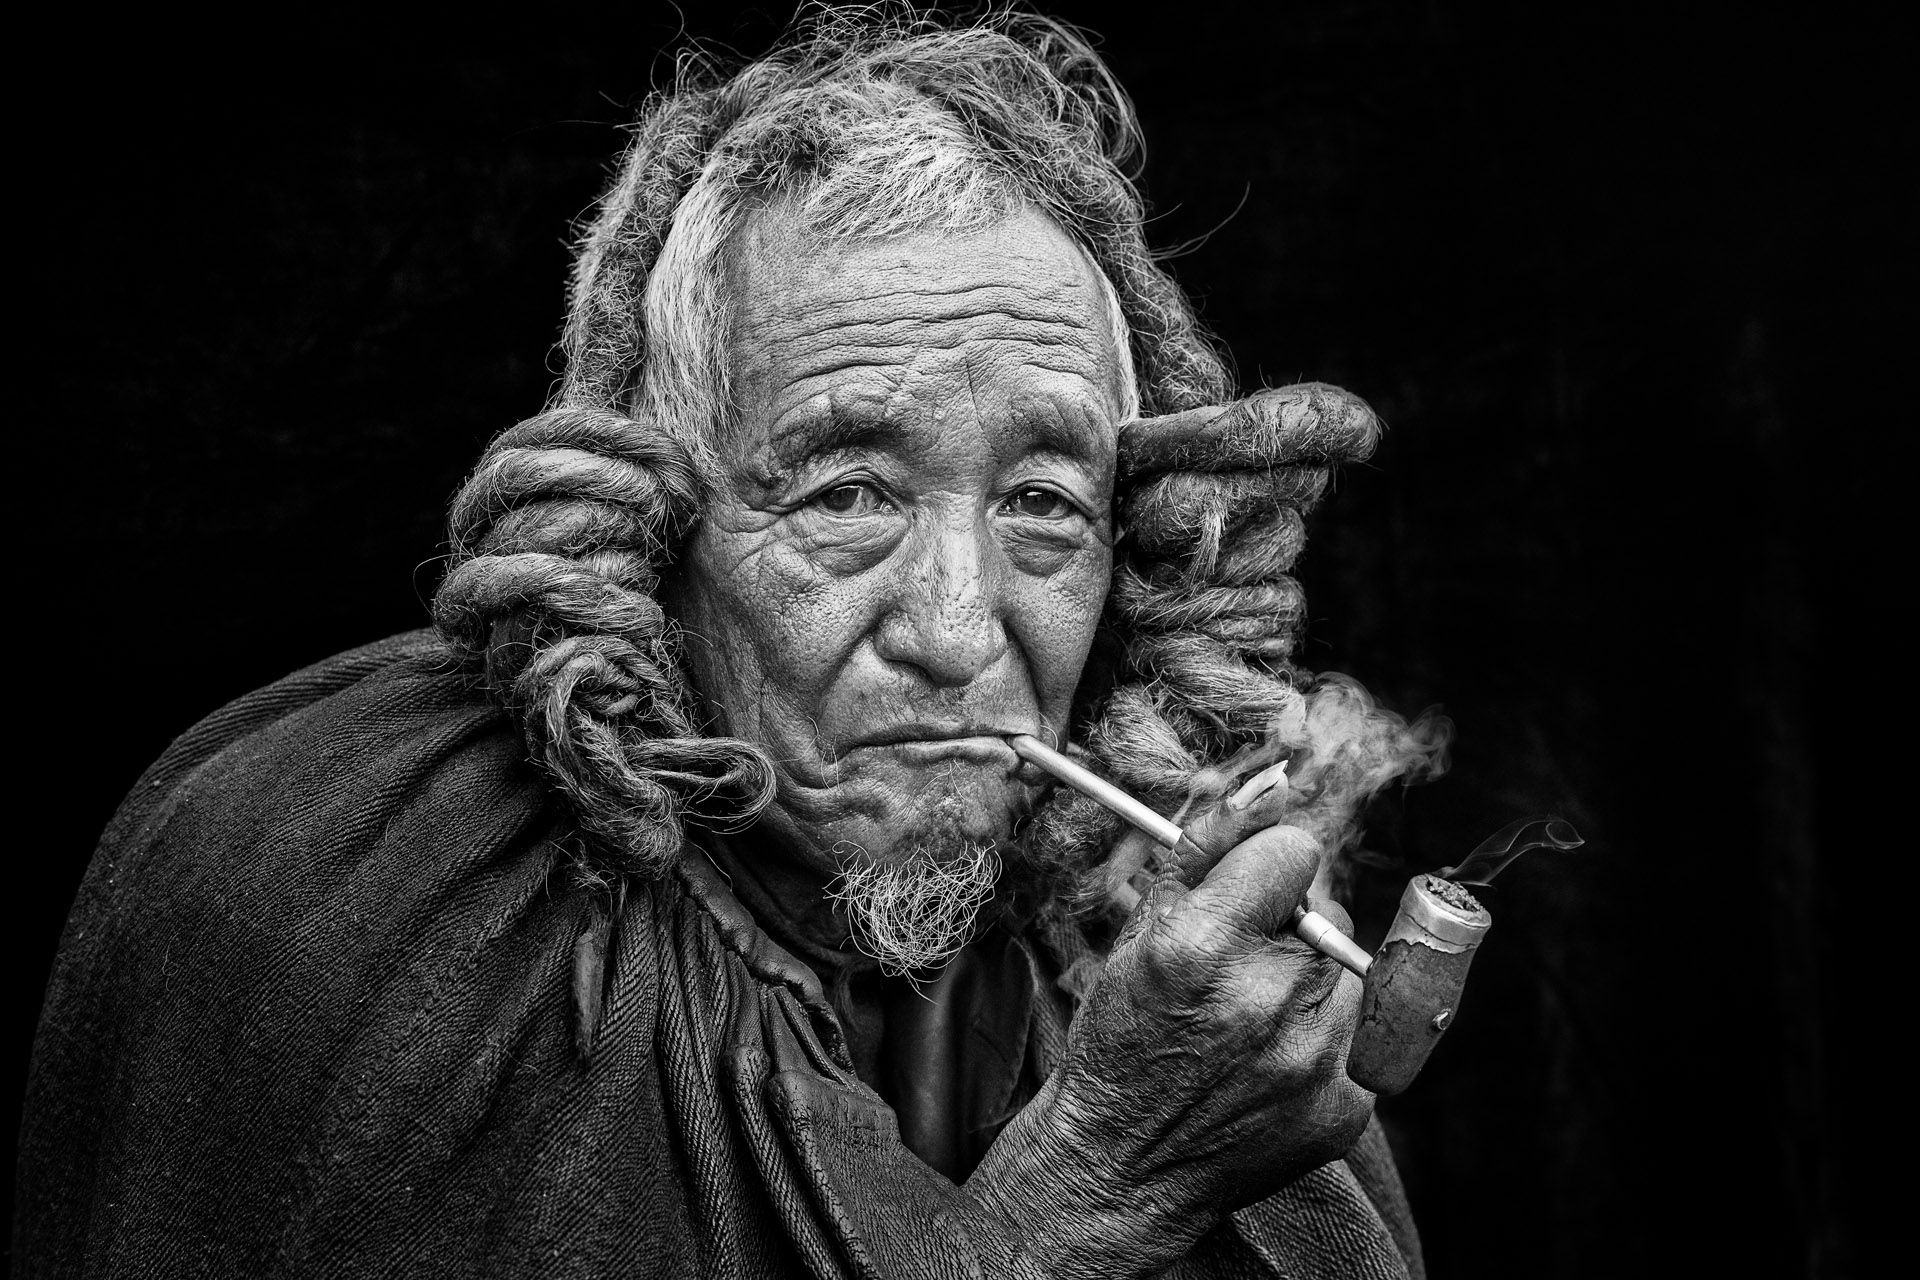 Yi Ethnic Elder